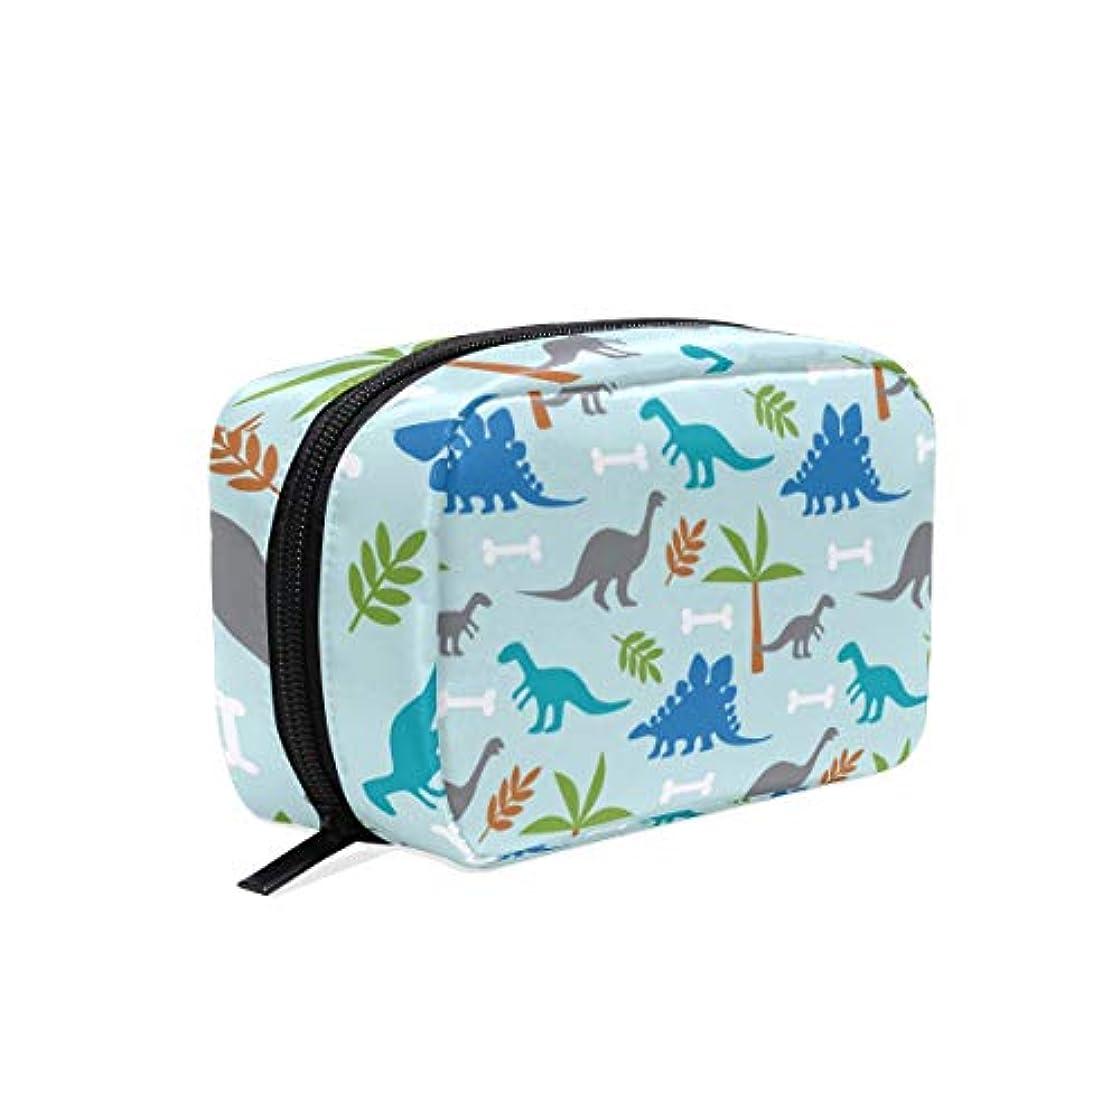 キャプション乱れ愚かな可愛い恐竜 化粧ポーチ メイクポーチ 機能的 大容量 化粧品収納 小物入れ 普段使い 出張 旅行 メイク ブラシ バッグ 化粧バッグ